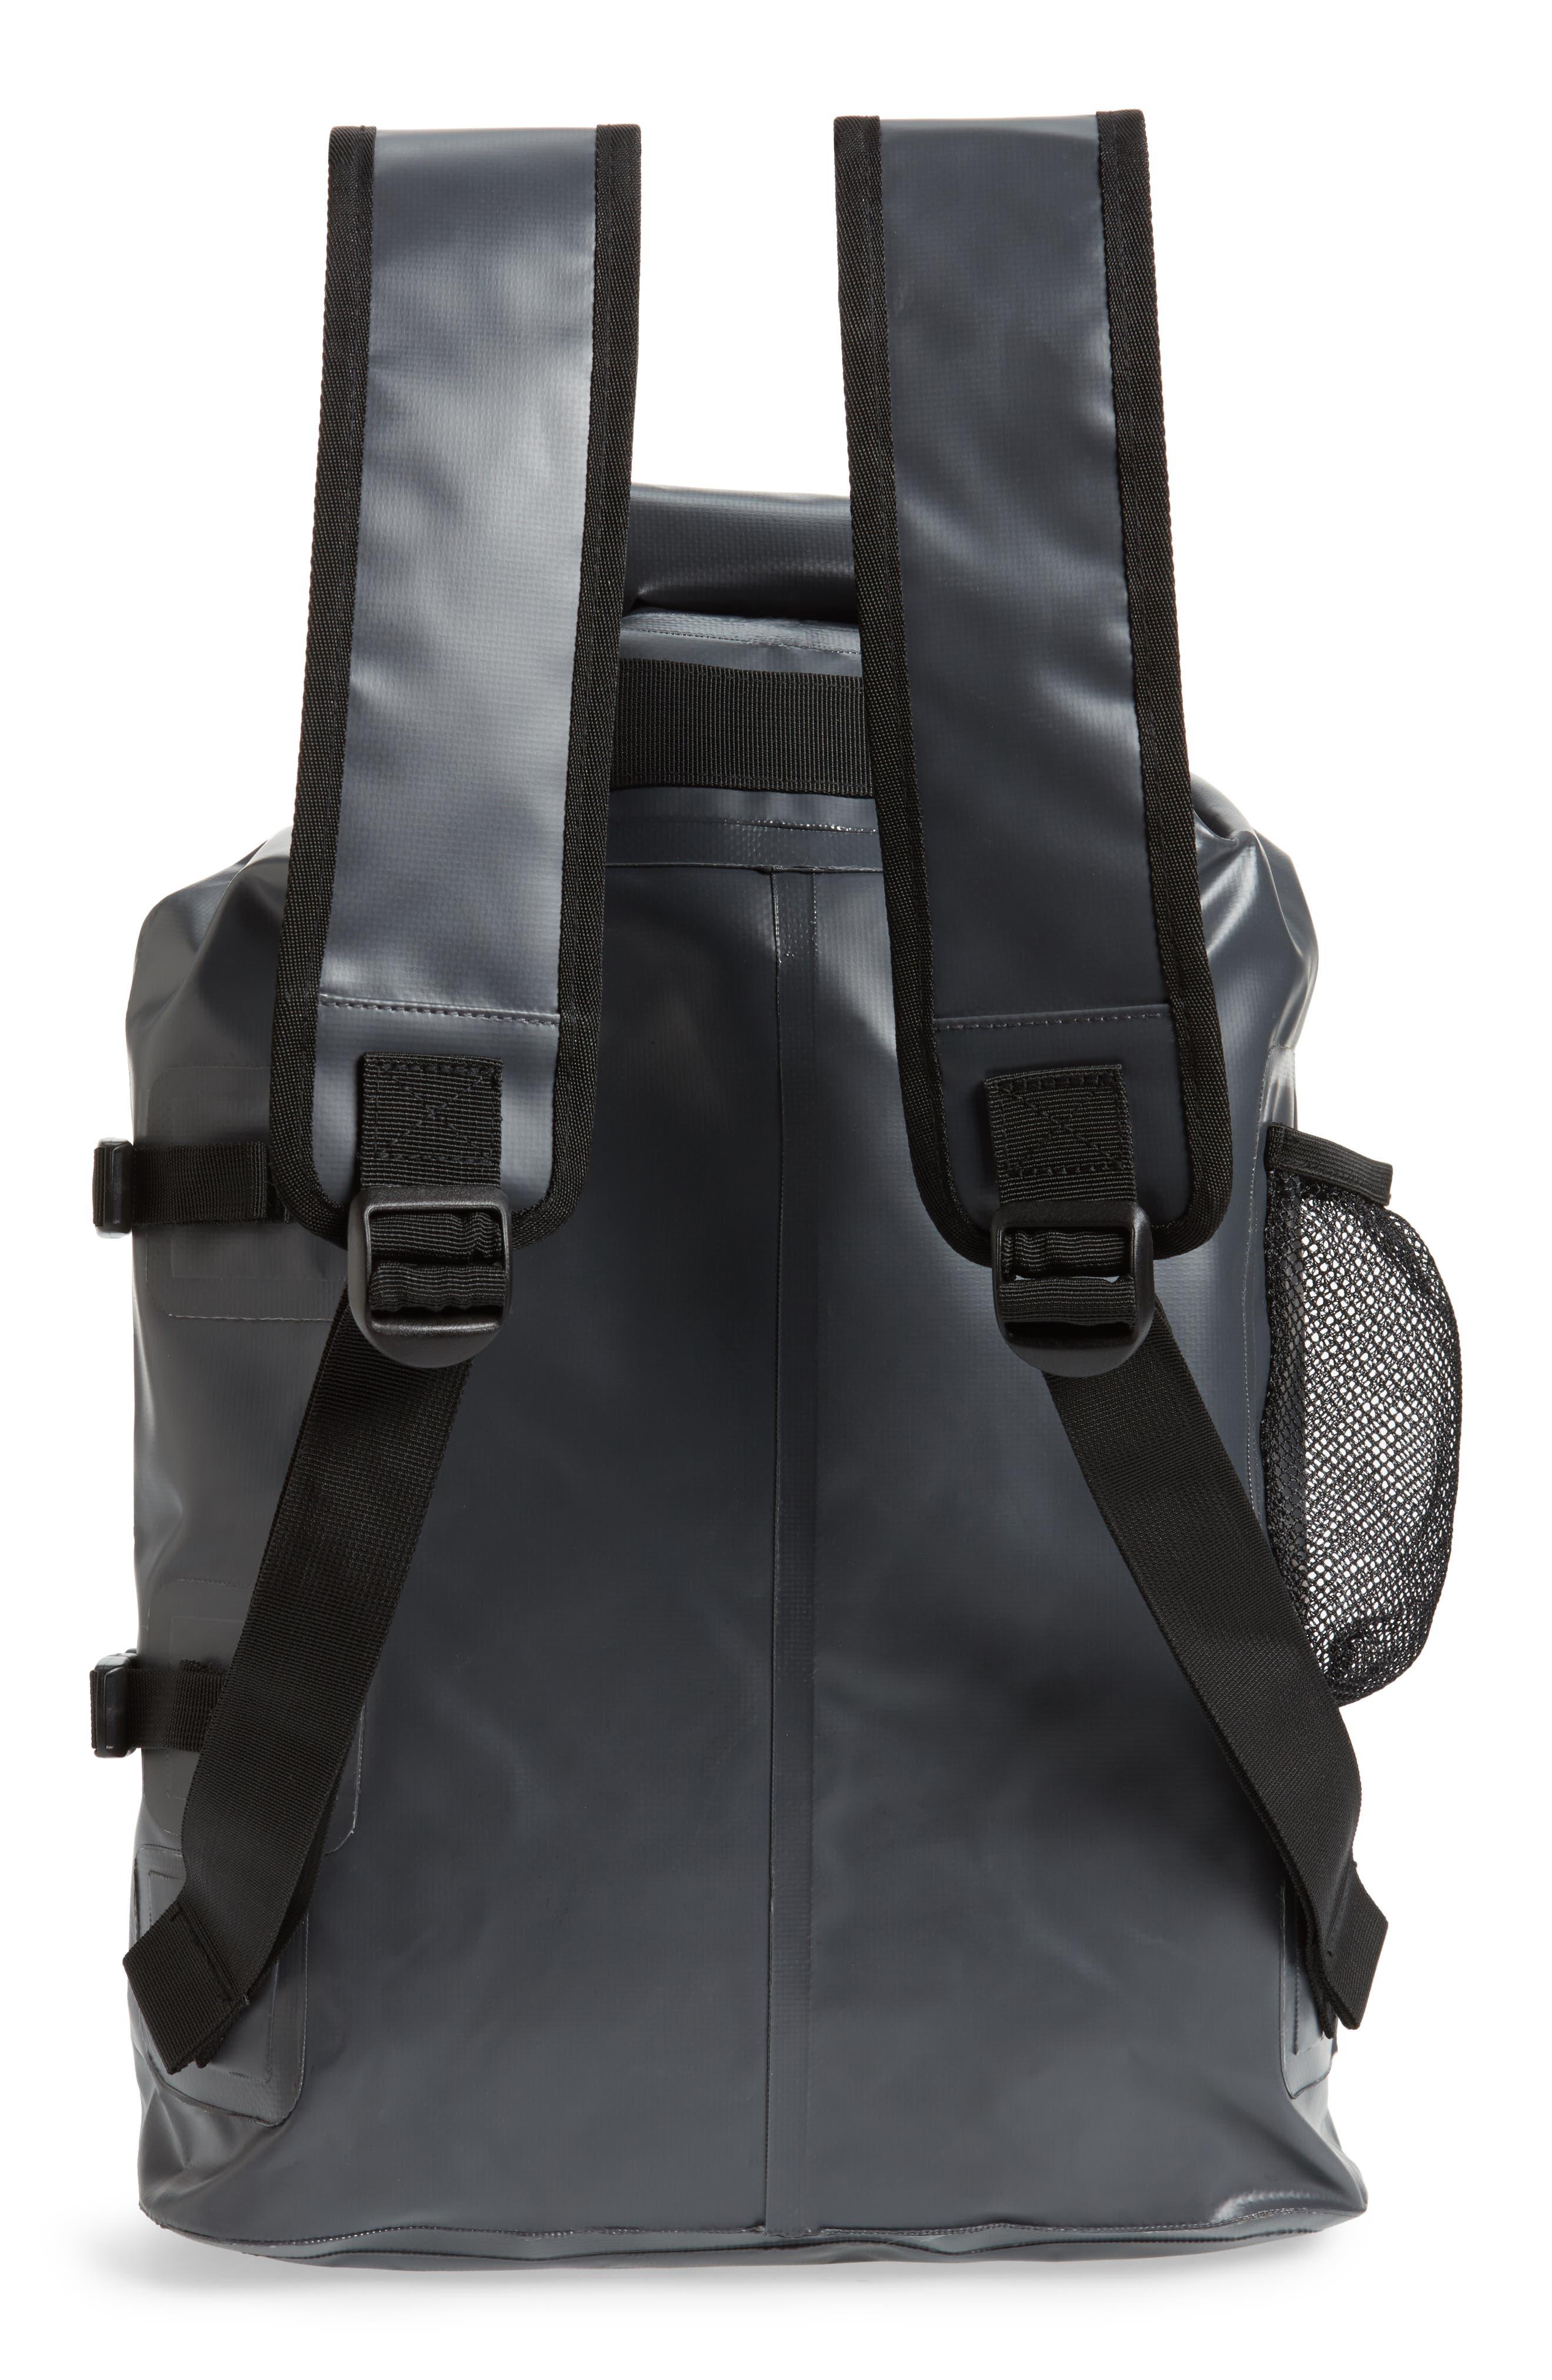 Go Be II Waterproof Backpack,                             Alternate thumbnail 3, color,                             020